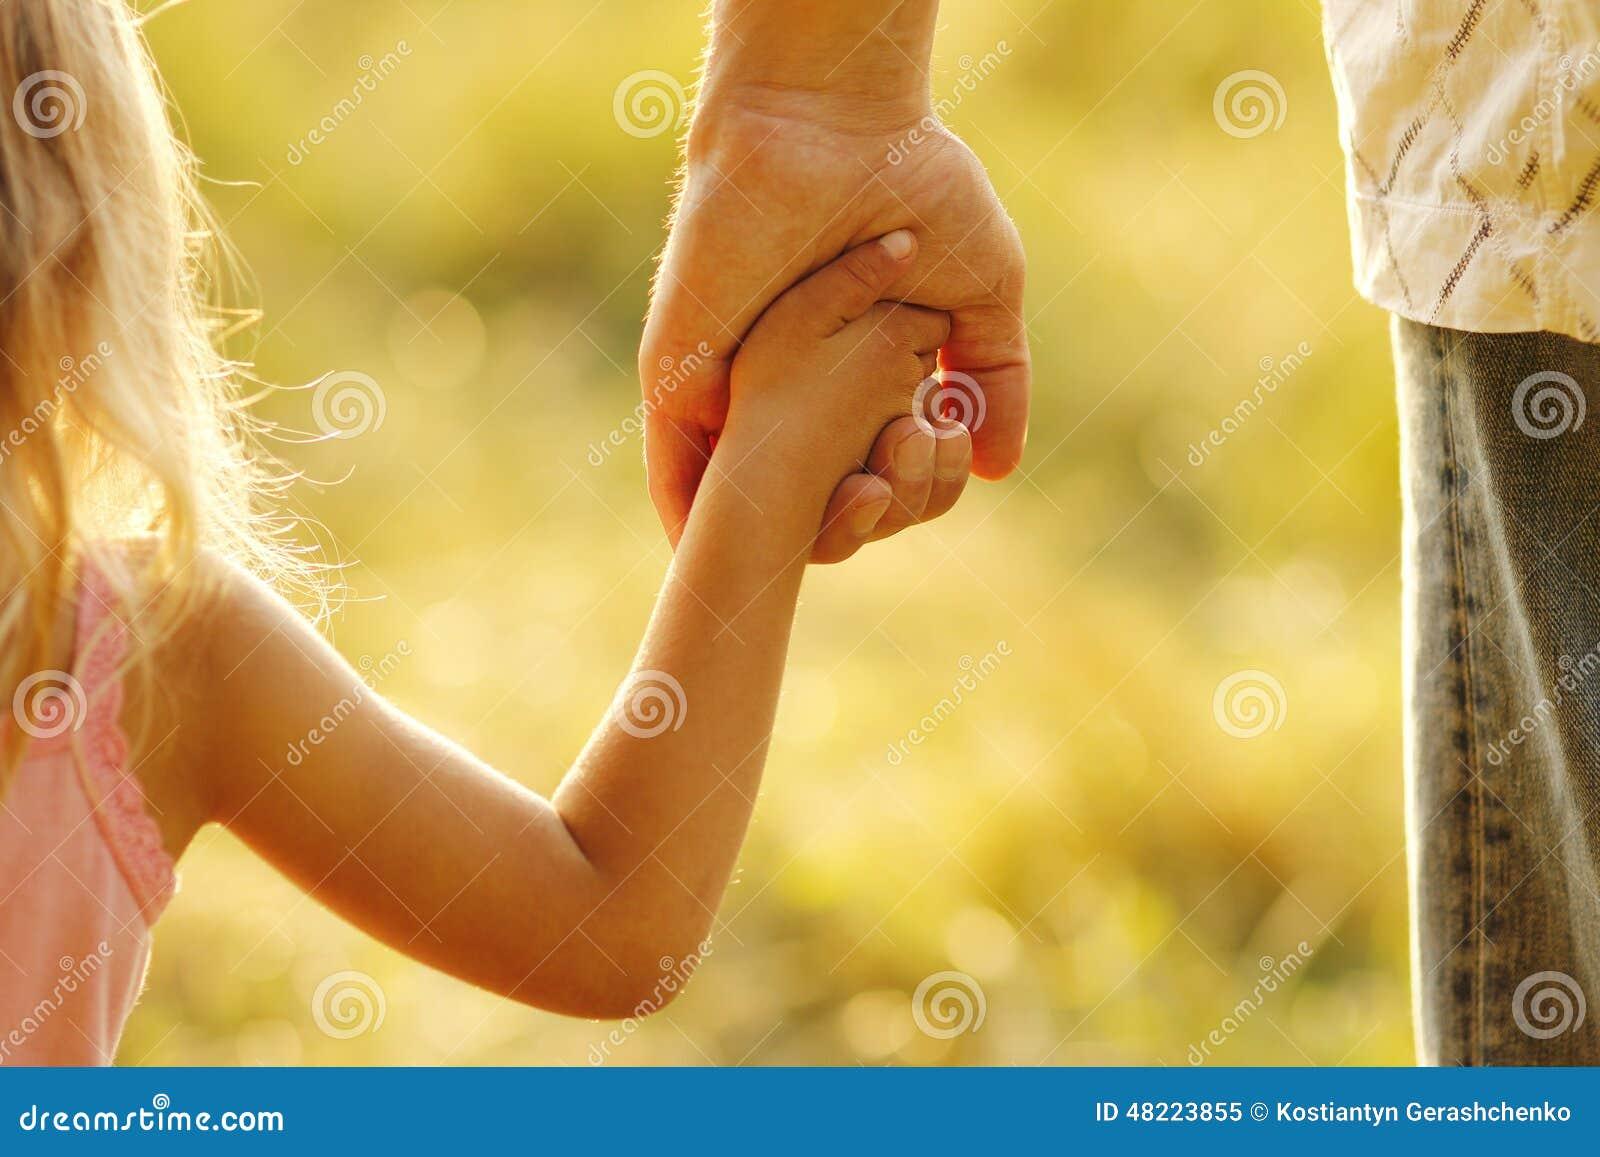 Il genitore tiene la mano di piccolo bambino